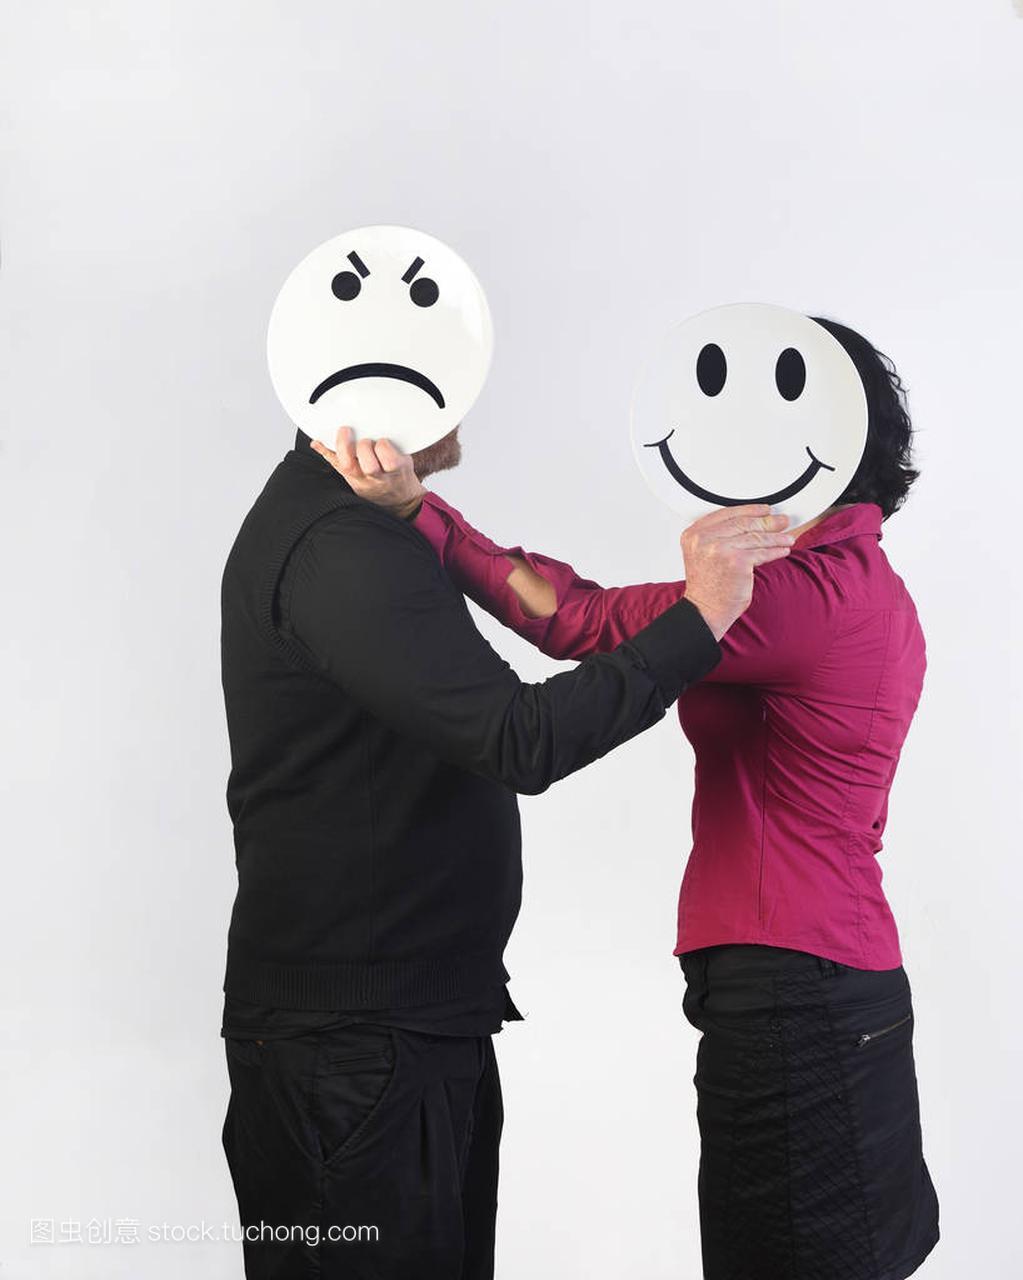 一个愤怒的男人和一个脸上有盘子的快乐女人